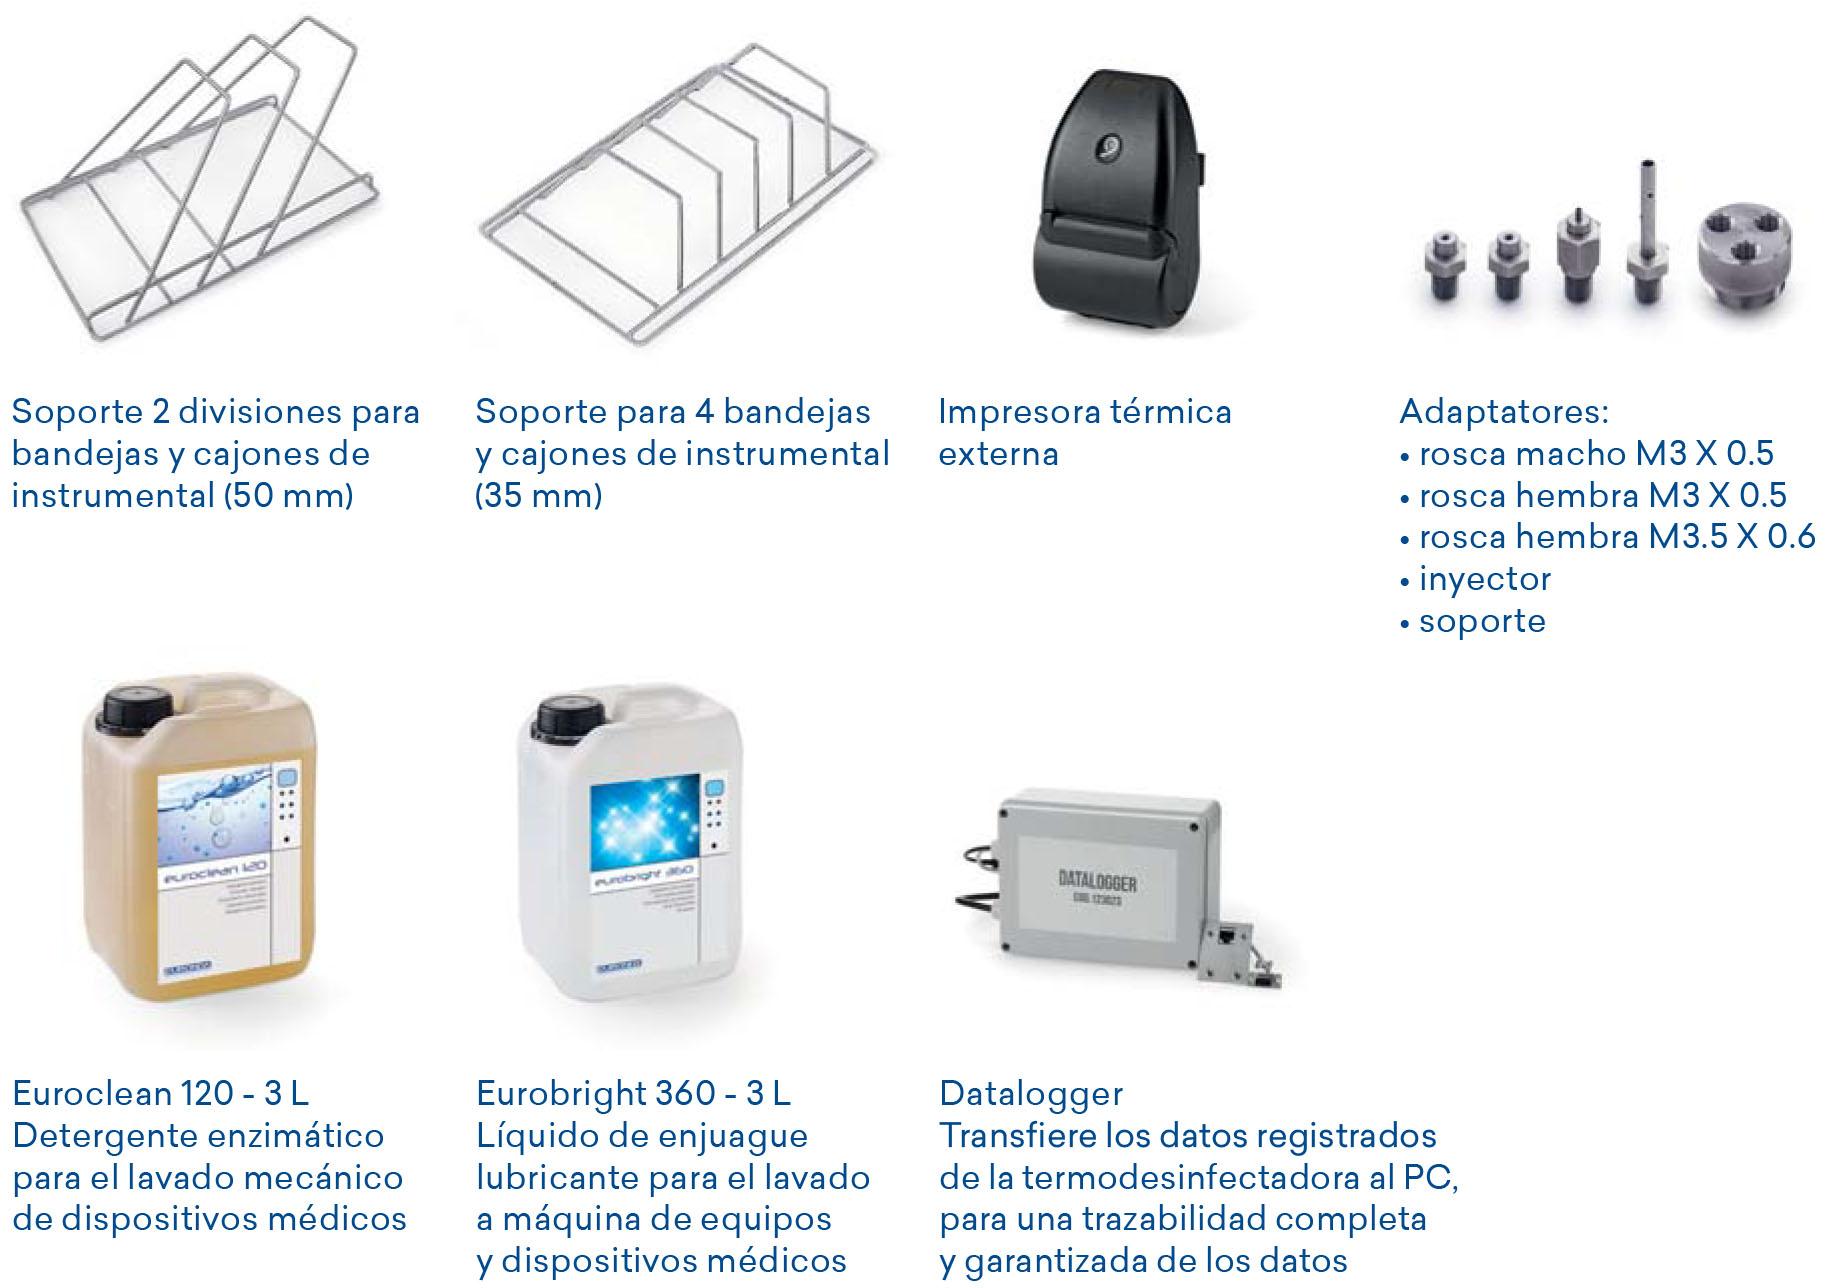 Accesorios EuroSafe 60